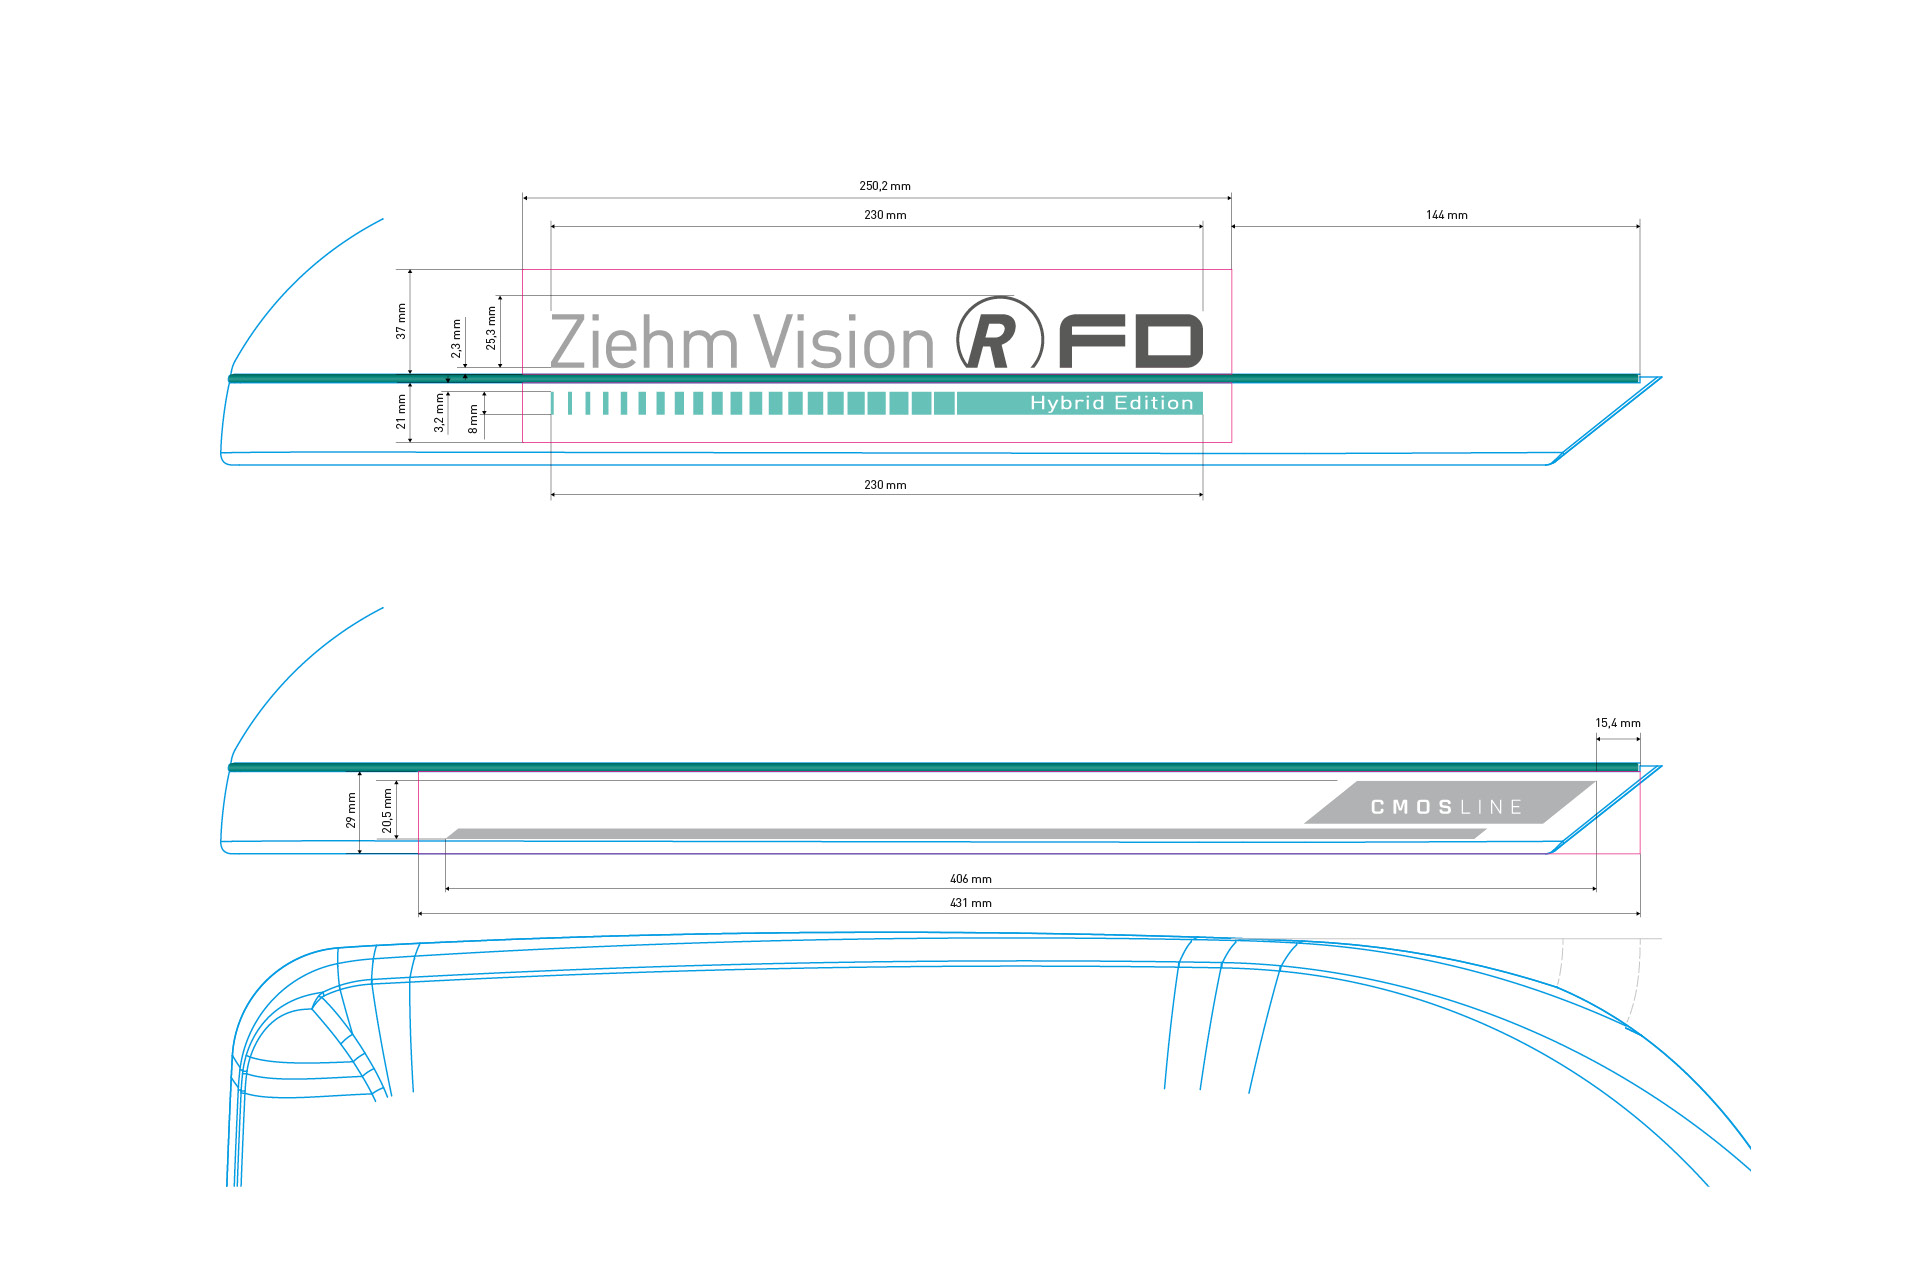 Konstruktionszeichnung zu Größe und Position der Produktkennzeichnung